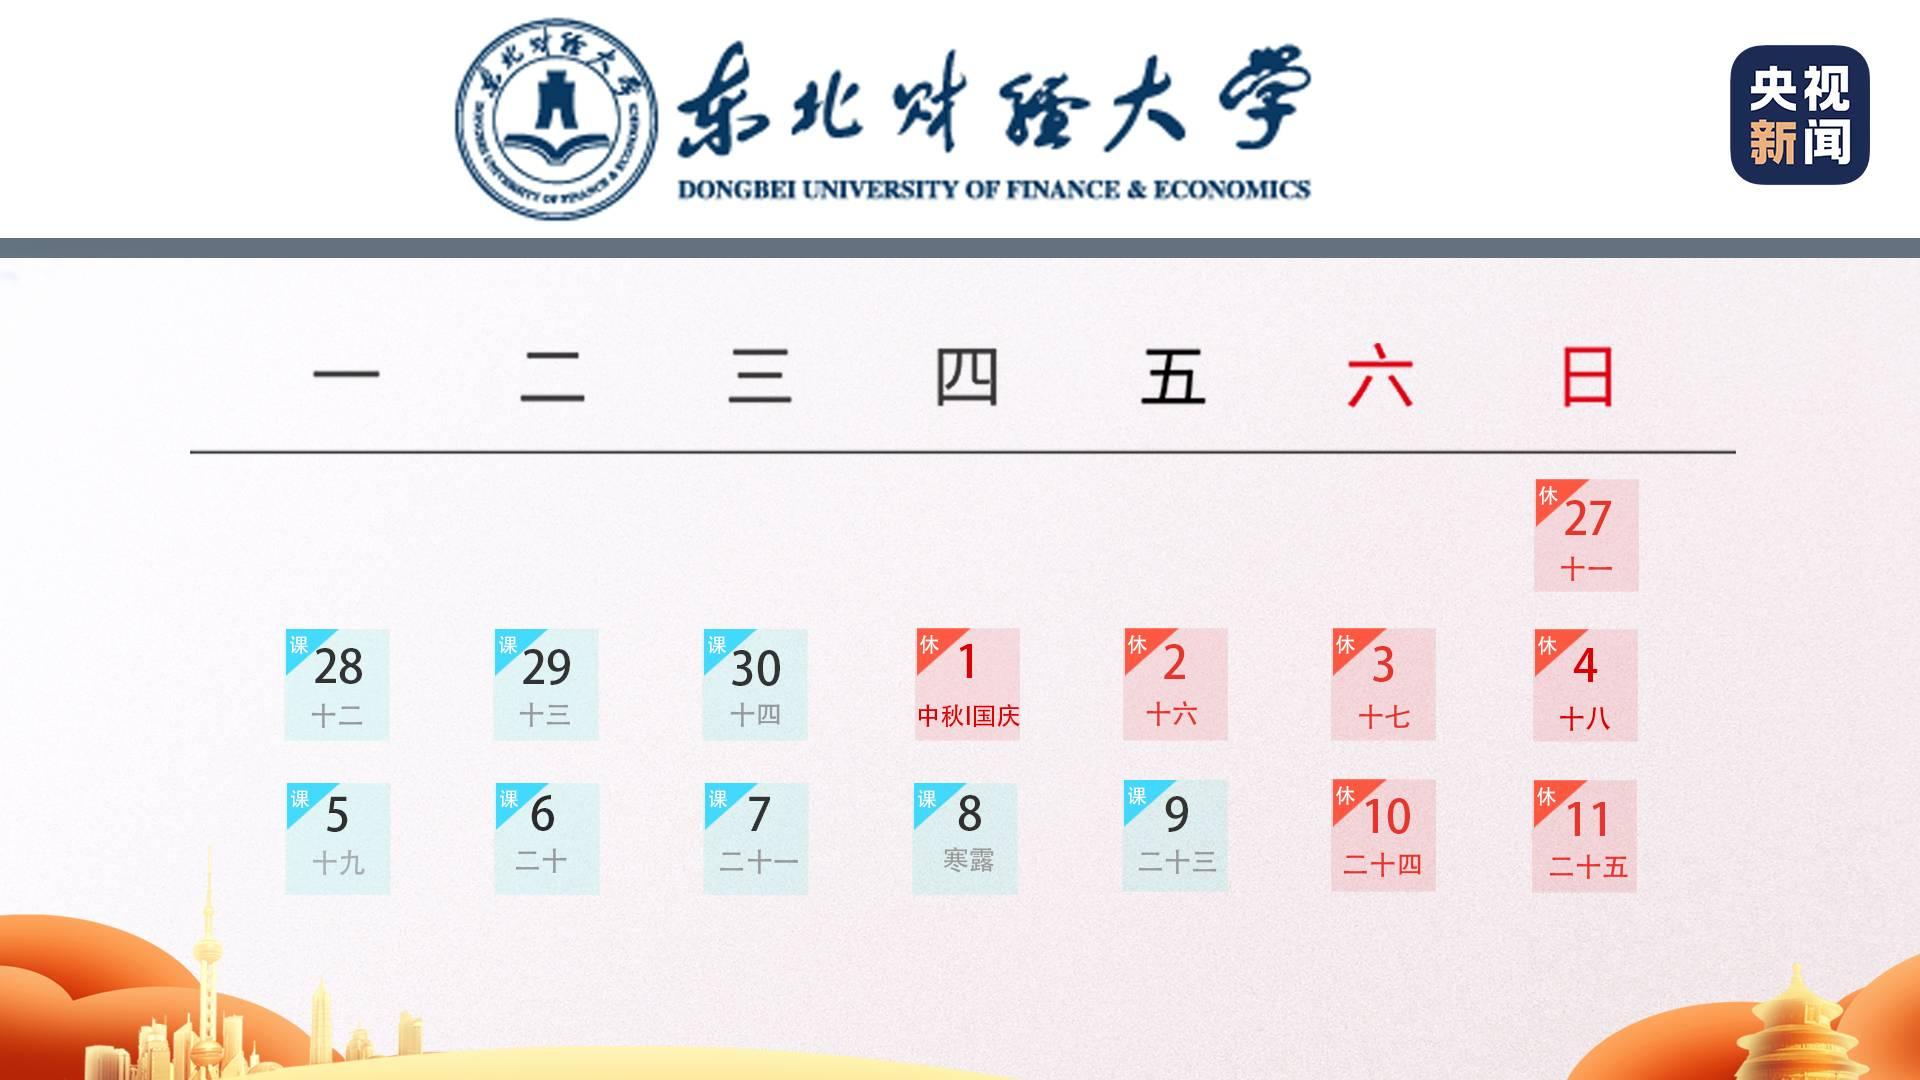 調整來瞭! 全國多所高校縮短中秋國慶假期-圖5